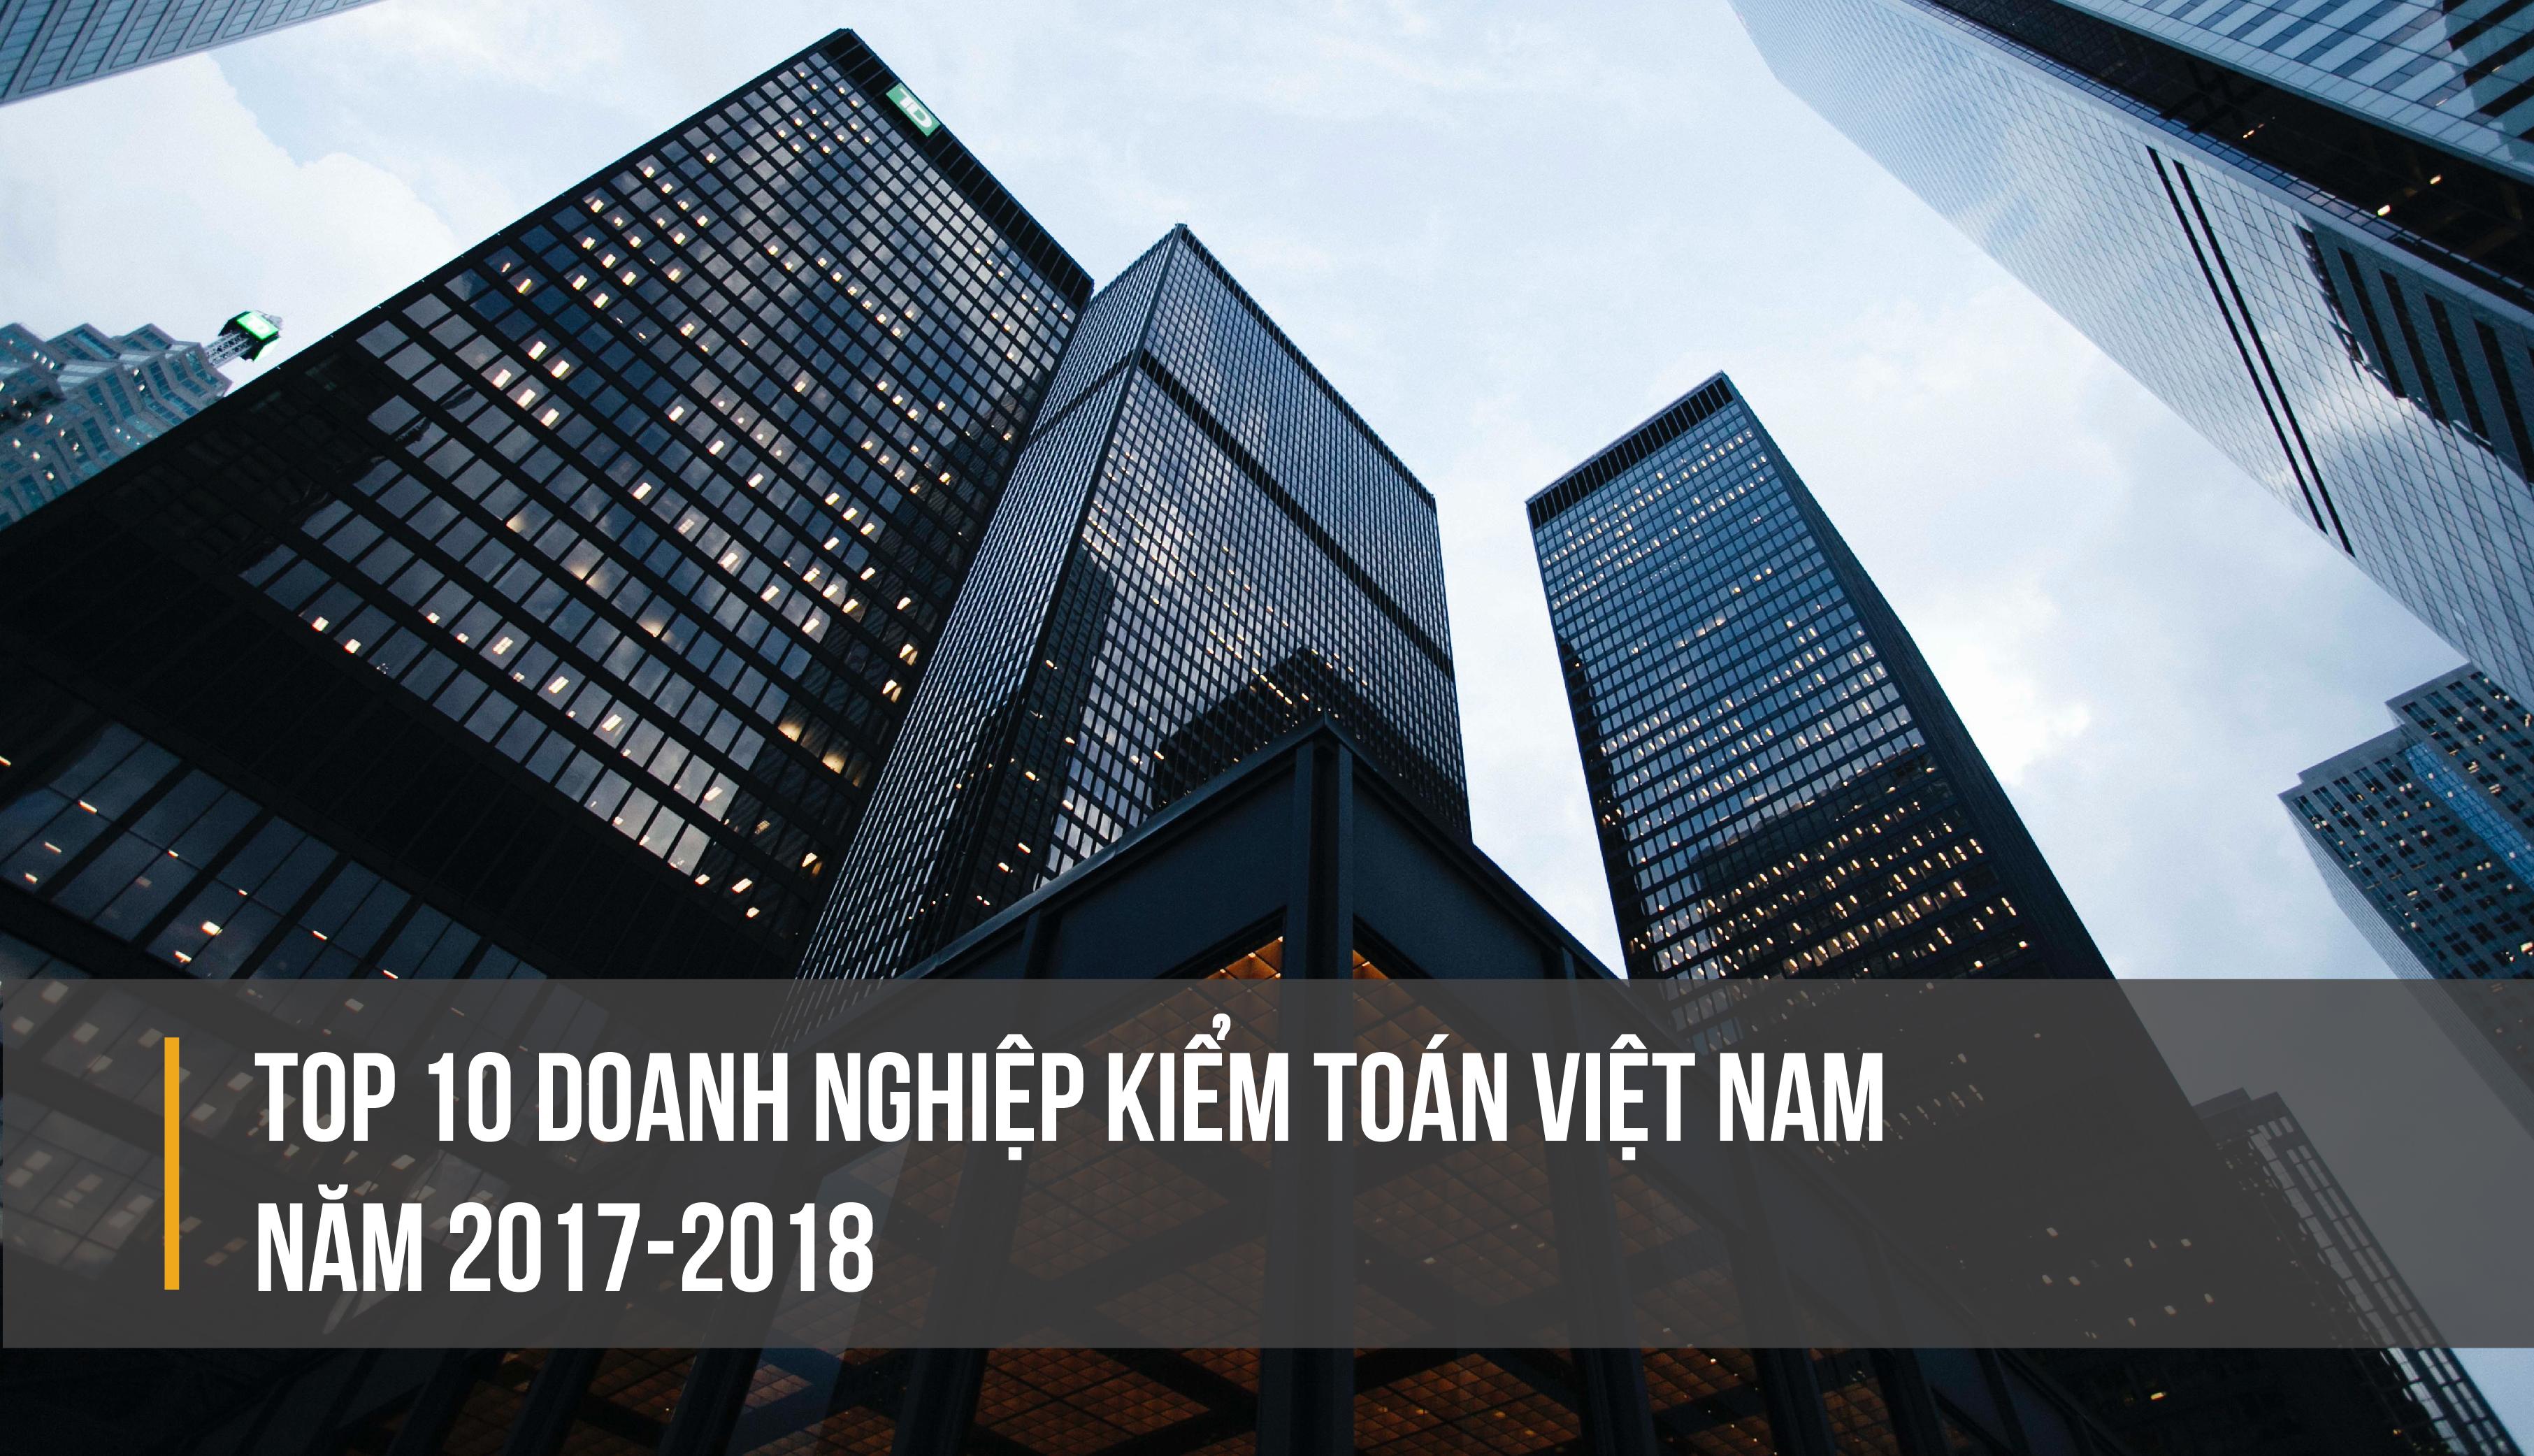 Top 10 doanh nghiệp kiểm toán Việt Nam năm 2017 2018-01